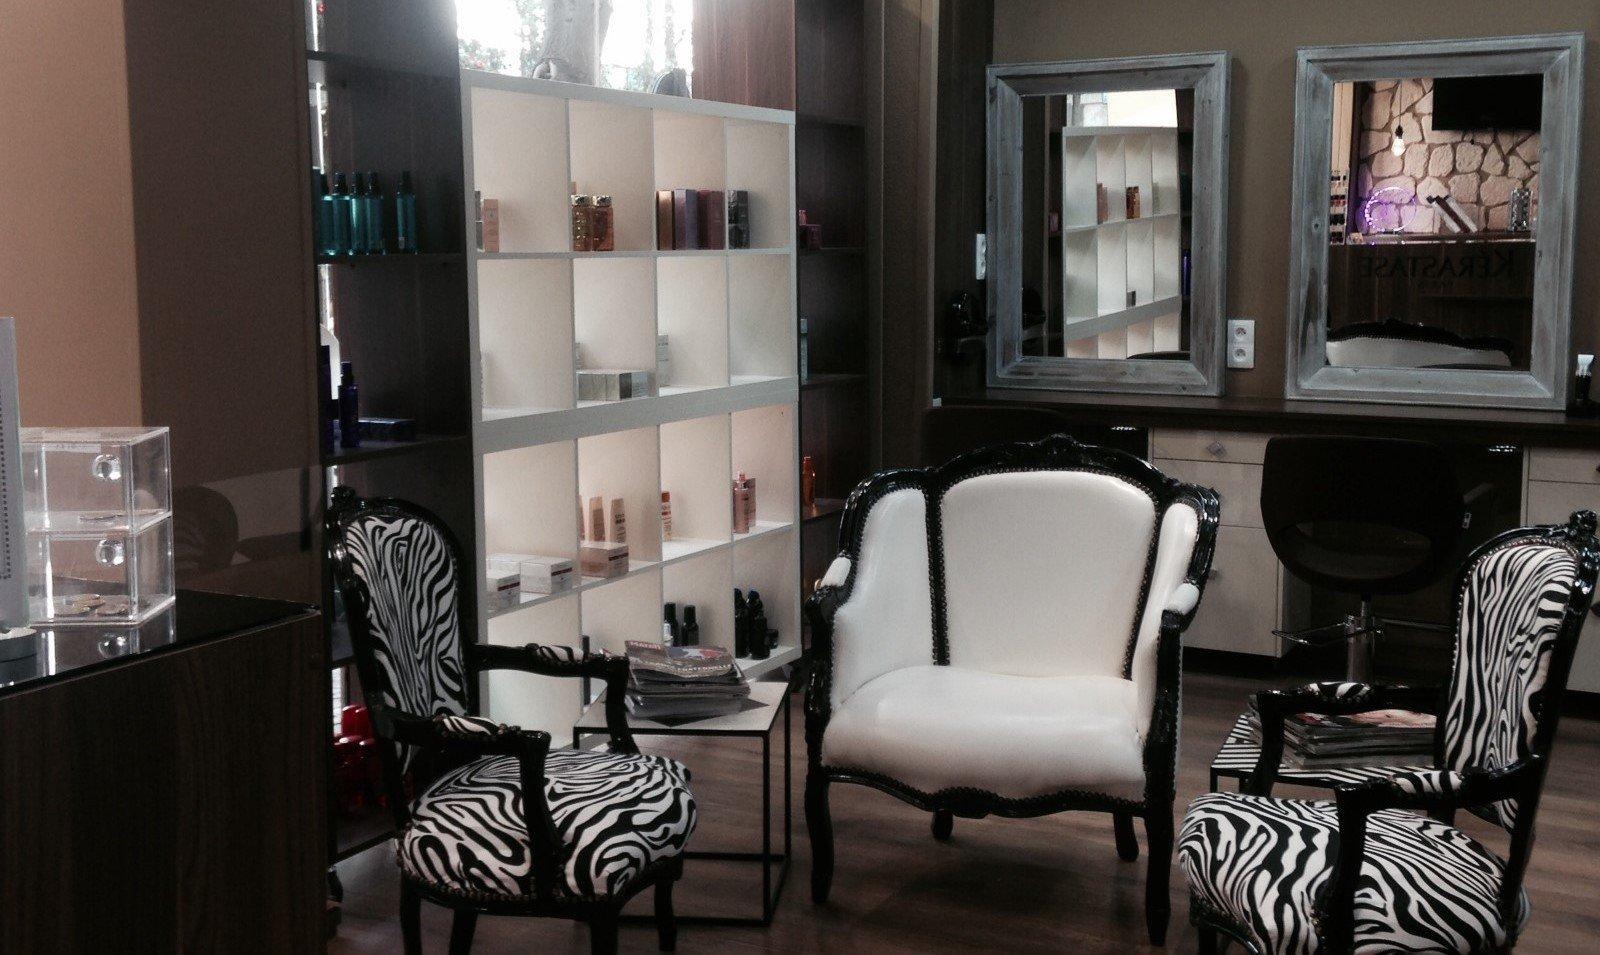 Produits de soin et de coiffage au salon Attitude Coiffure à Rueil Malmaison